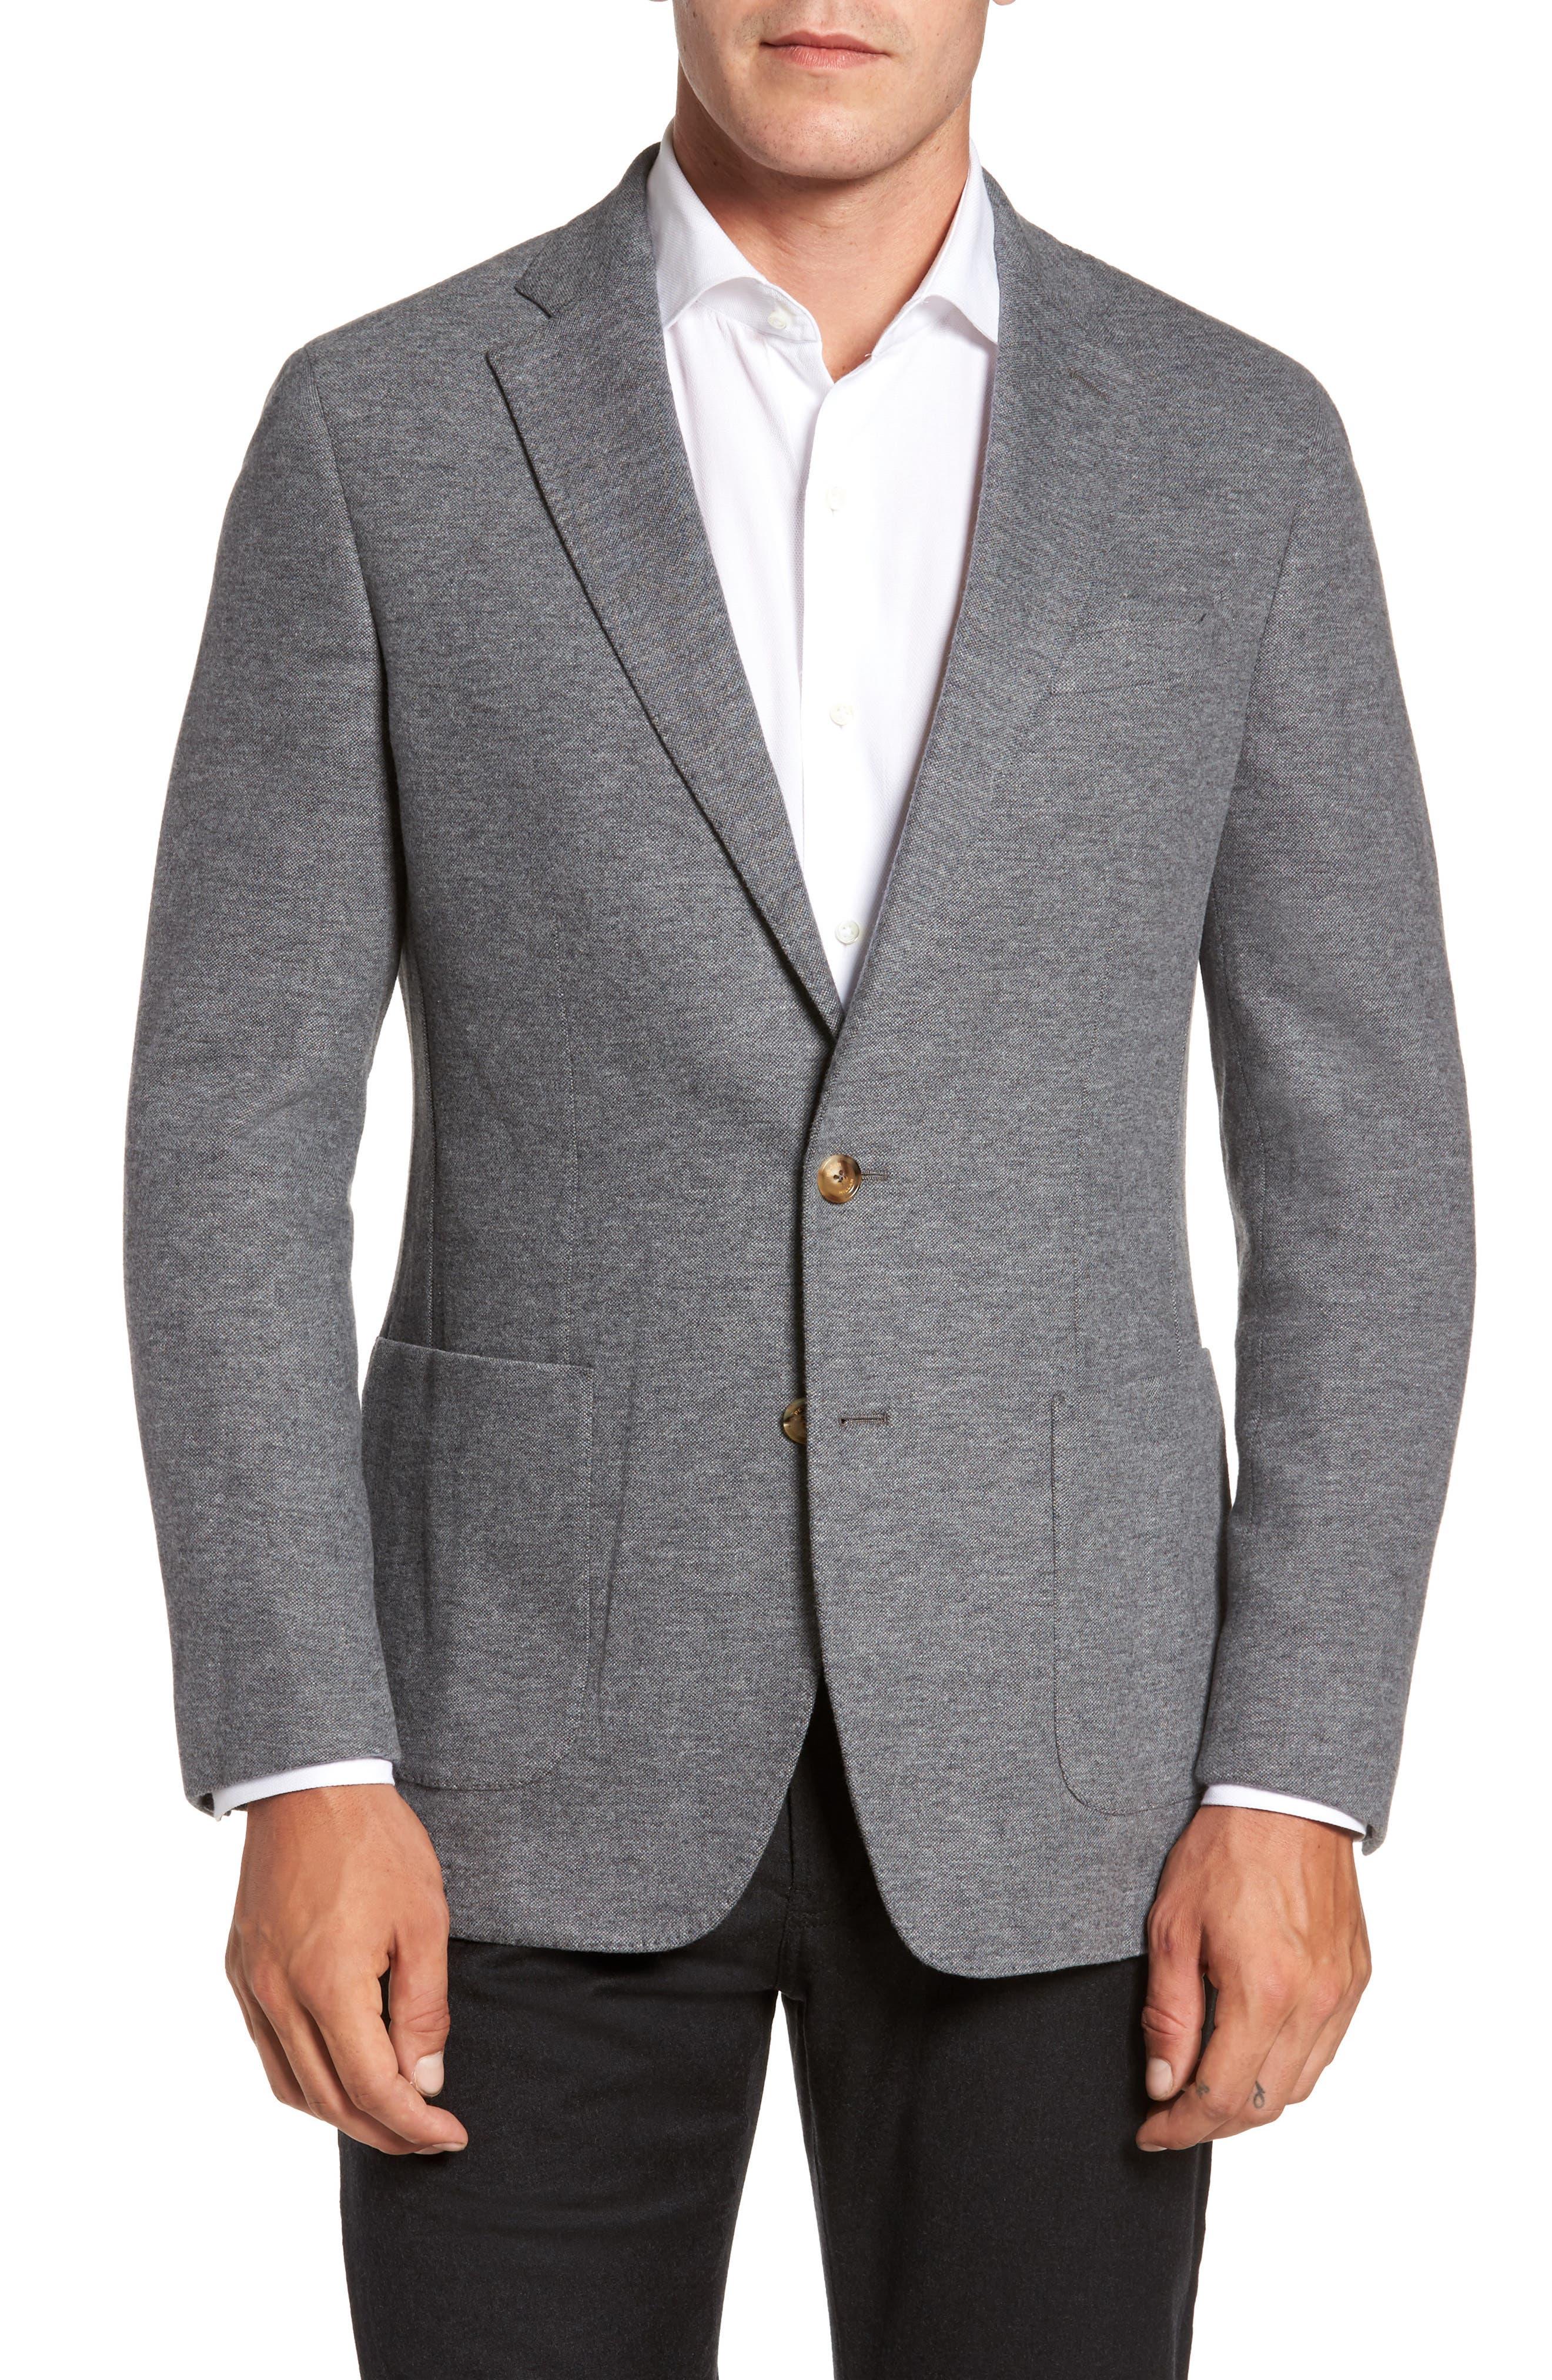 Peter Millar Sierran Jersey Knit Jacket